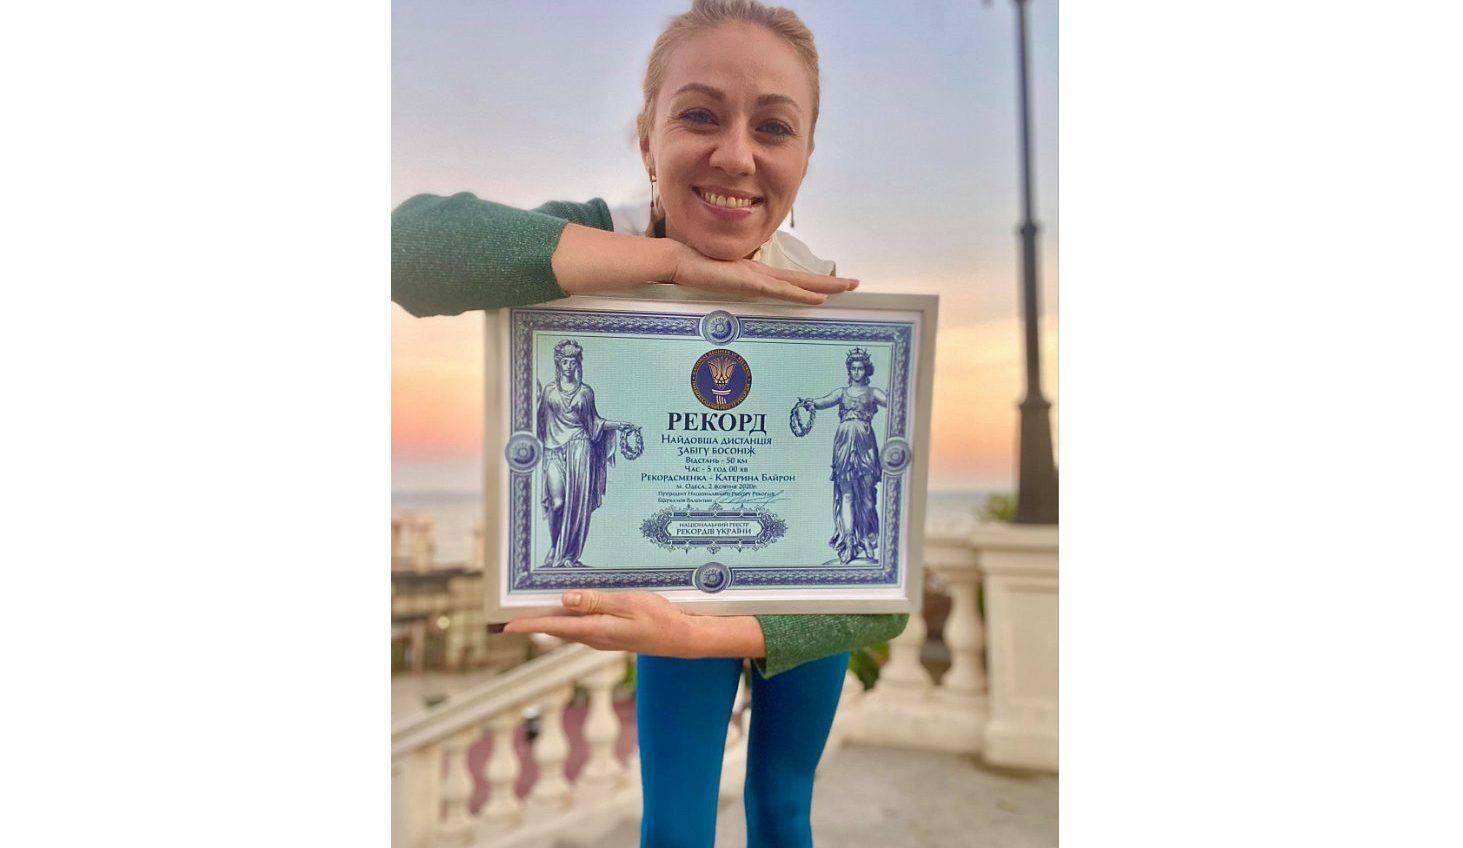 Босой рекорд одесской бегуньи внесли в реестр «фото»